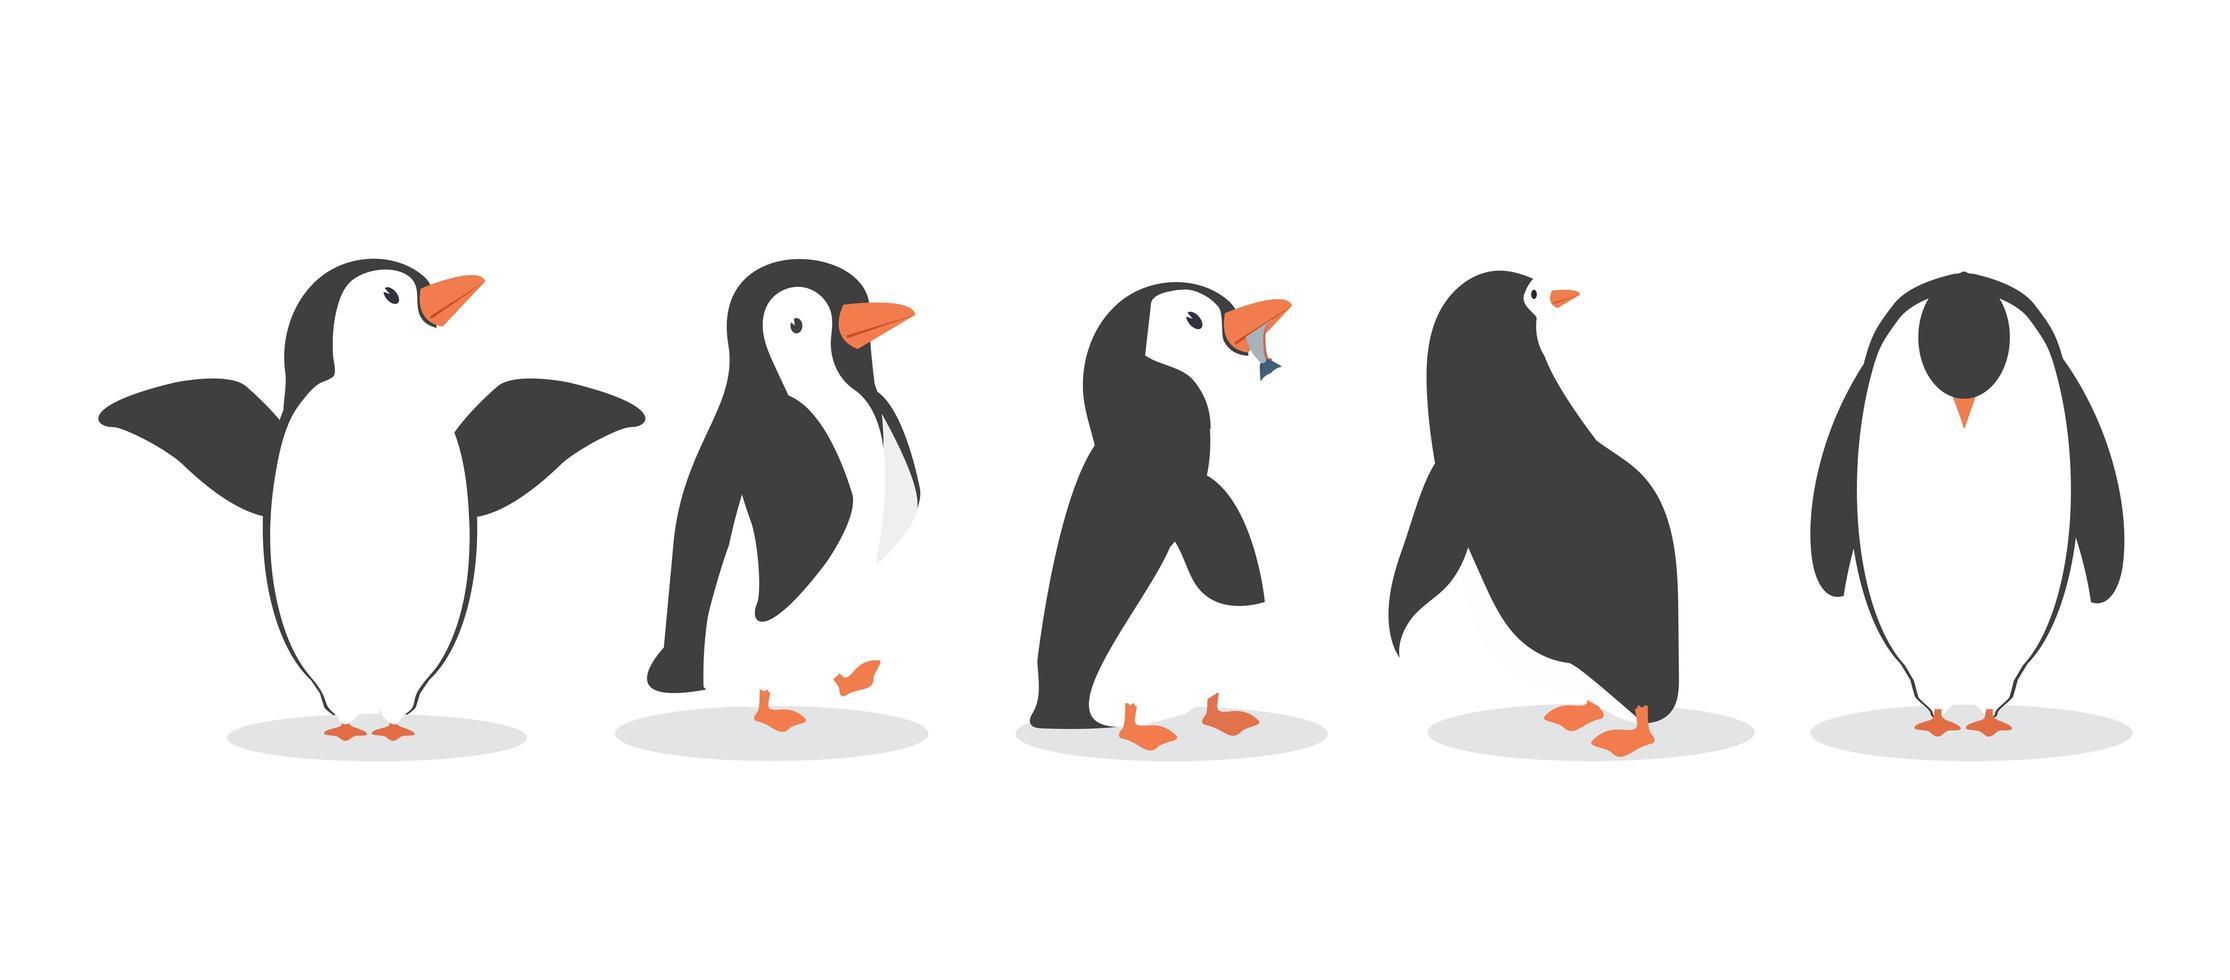 personnages de pingouin dans différentes poses vecteur